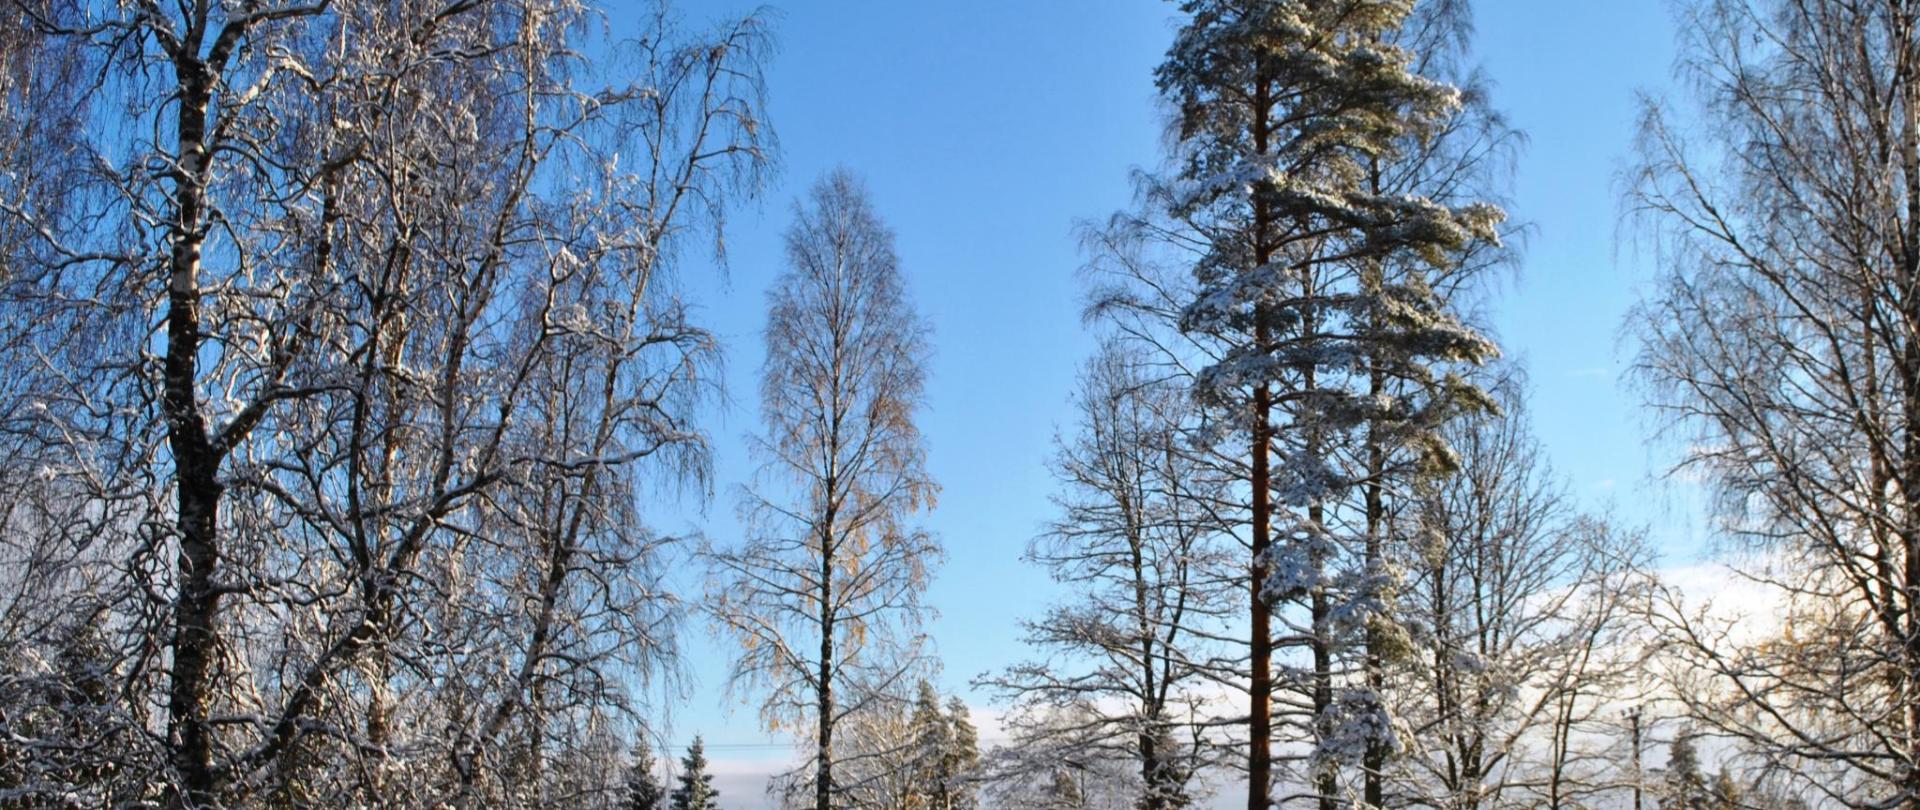 Eerste sneeuw met blauwe lucht DSC_4753.JPG